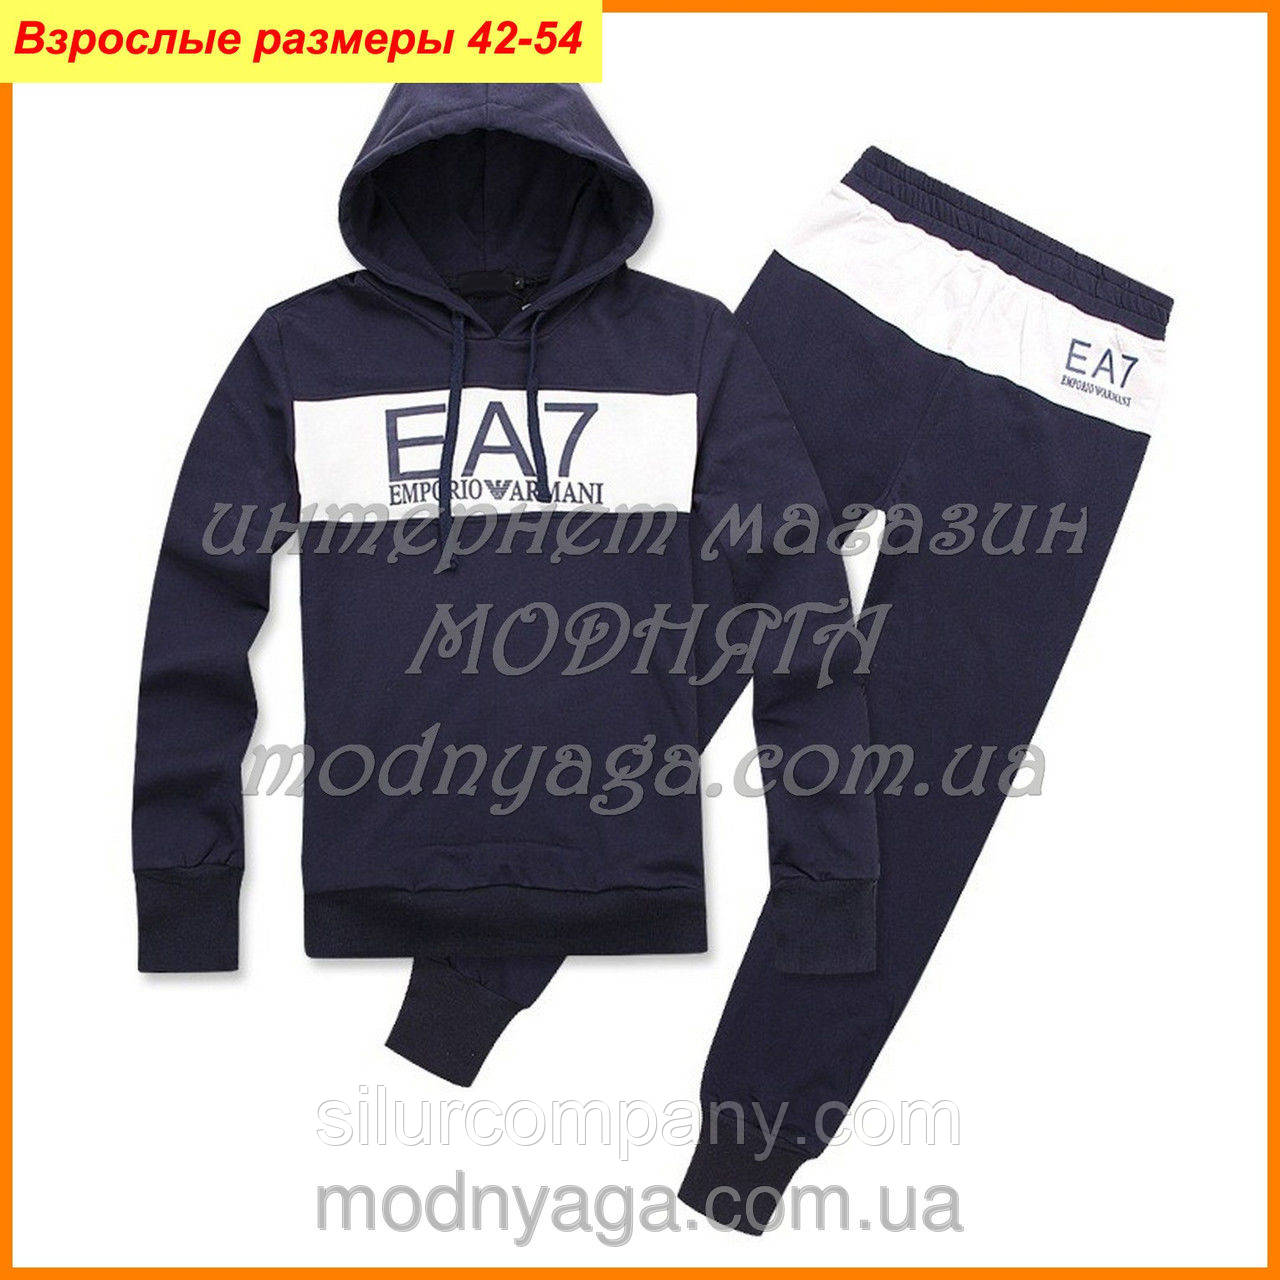 a512804b Спортивные костюмы EA-7, цена 1 070,14 грн., купить в Харькове ...